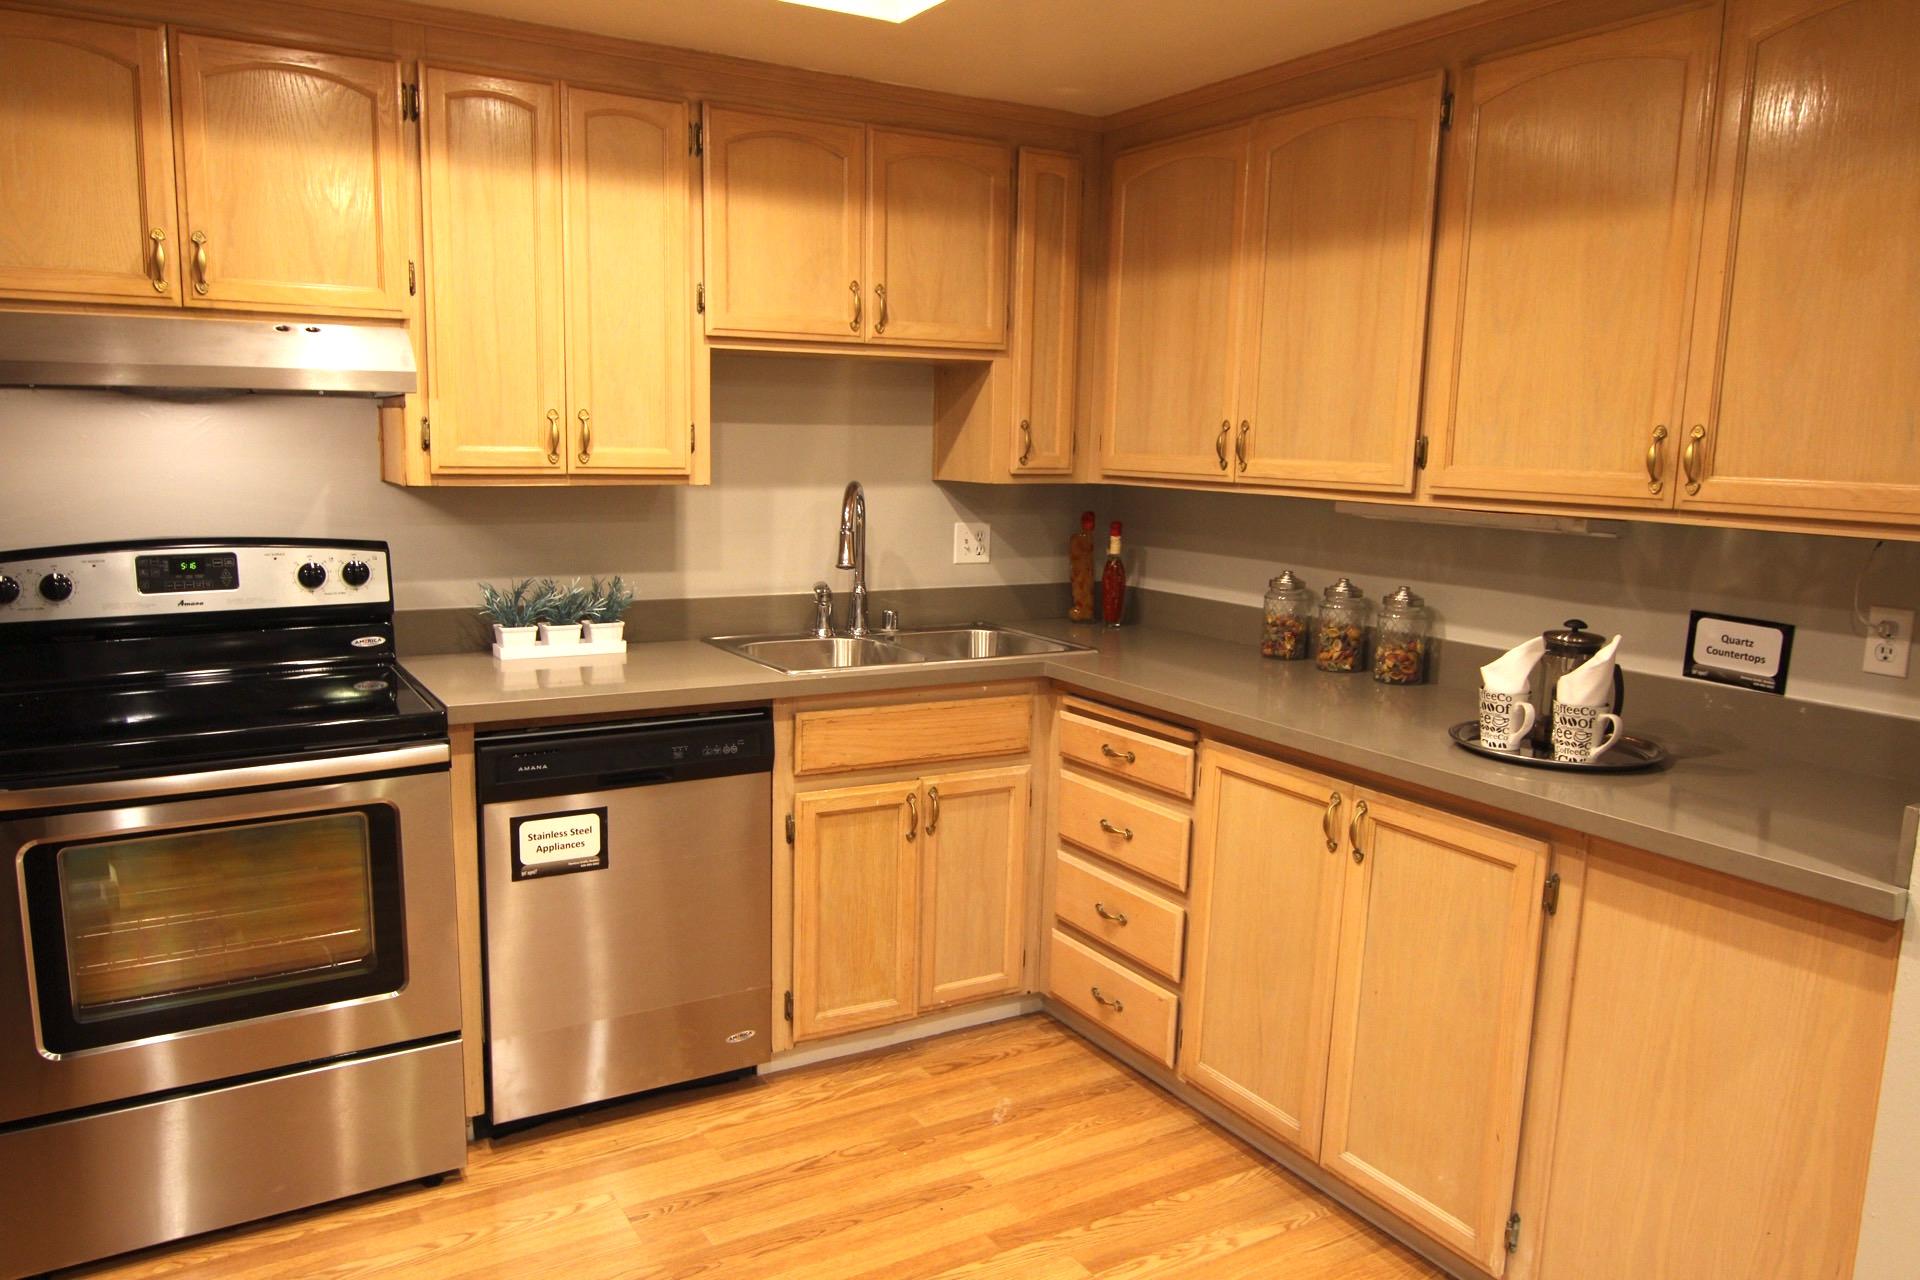 Wide kitchen